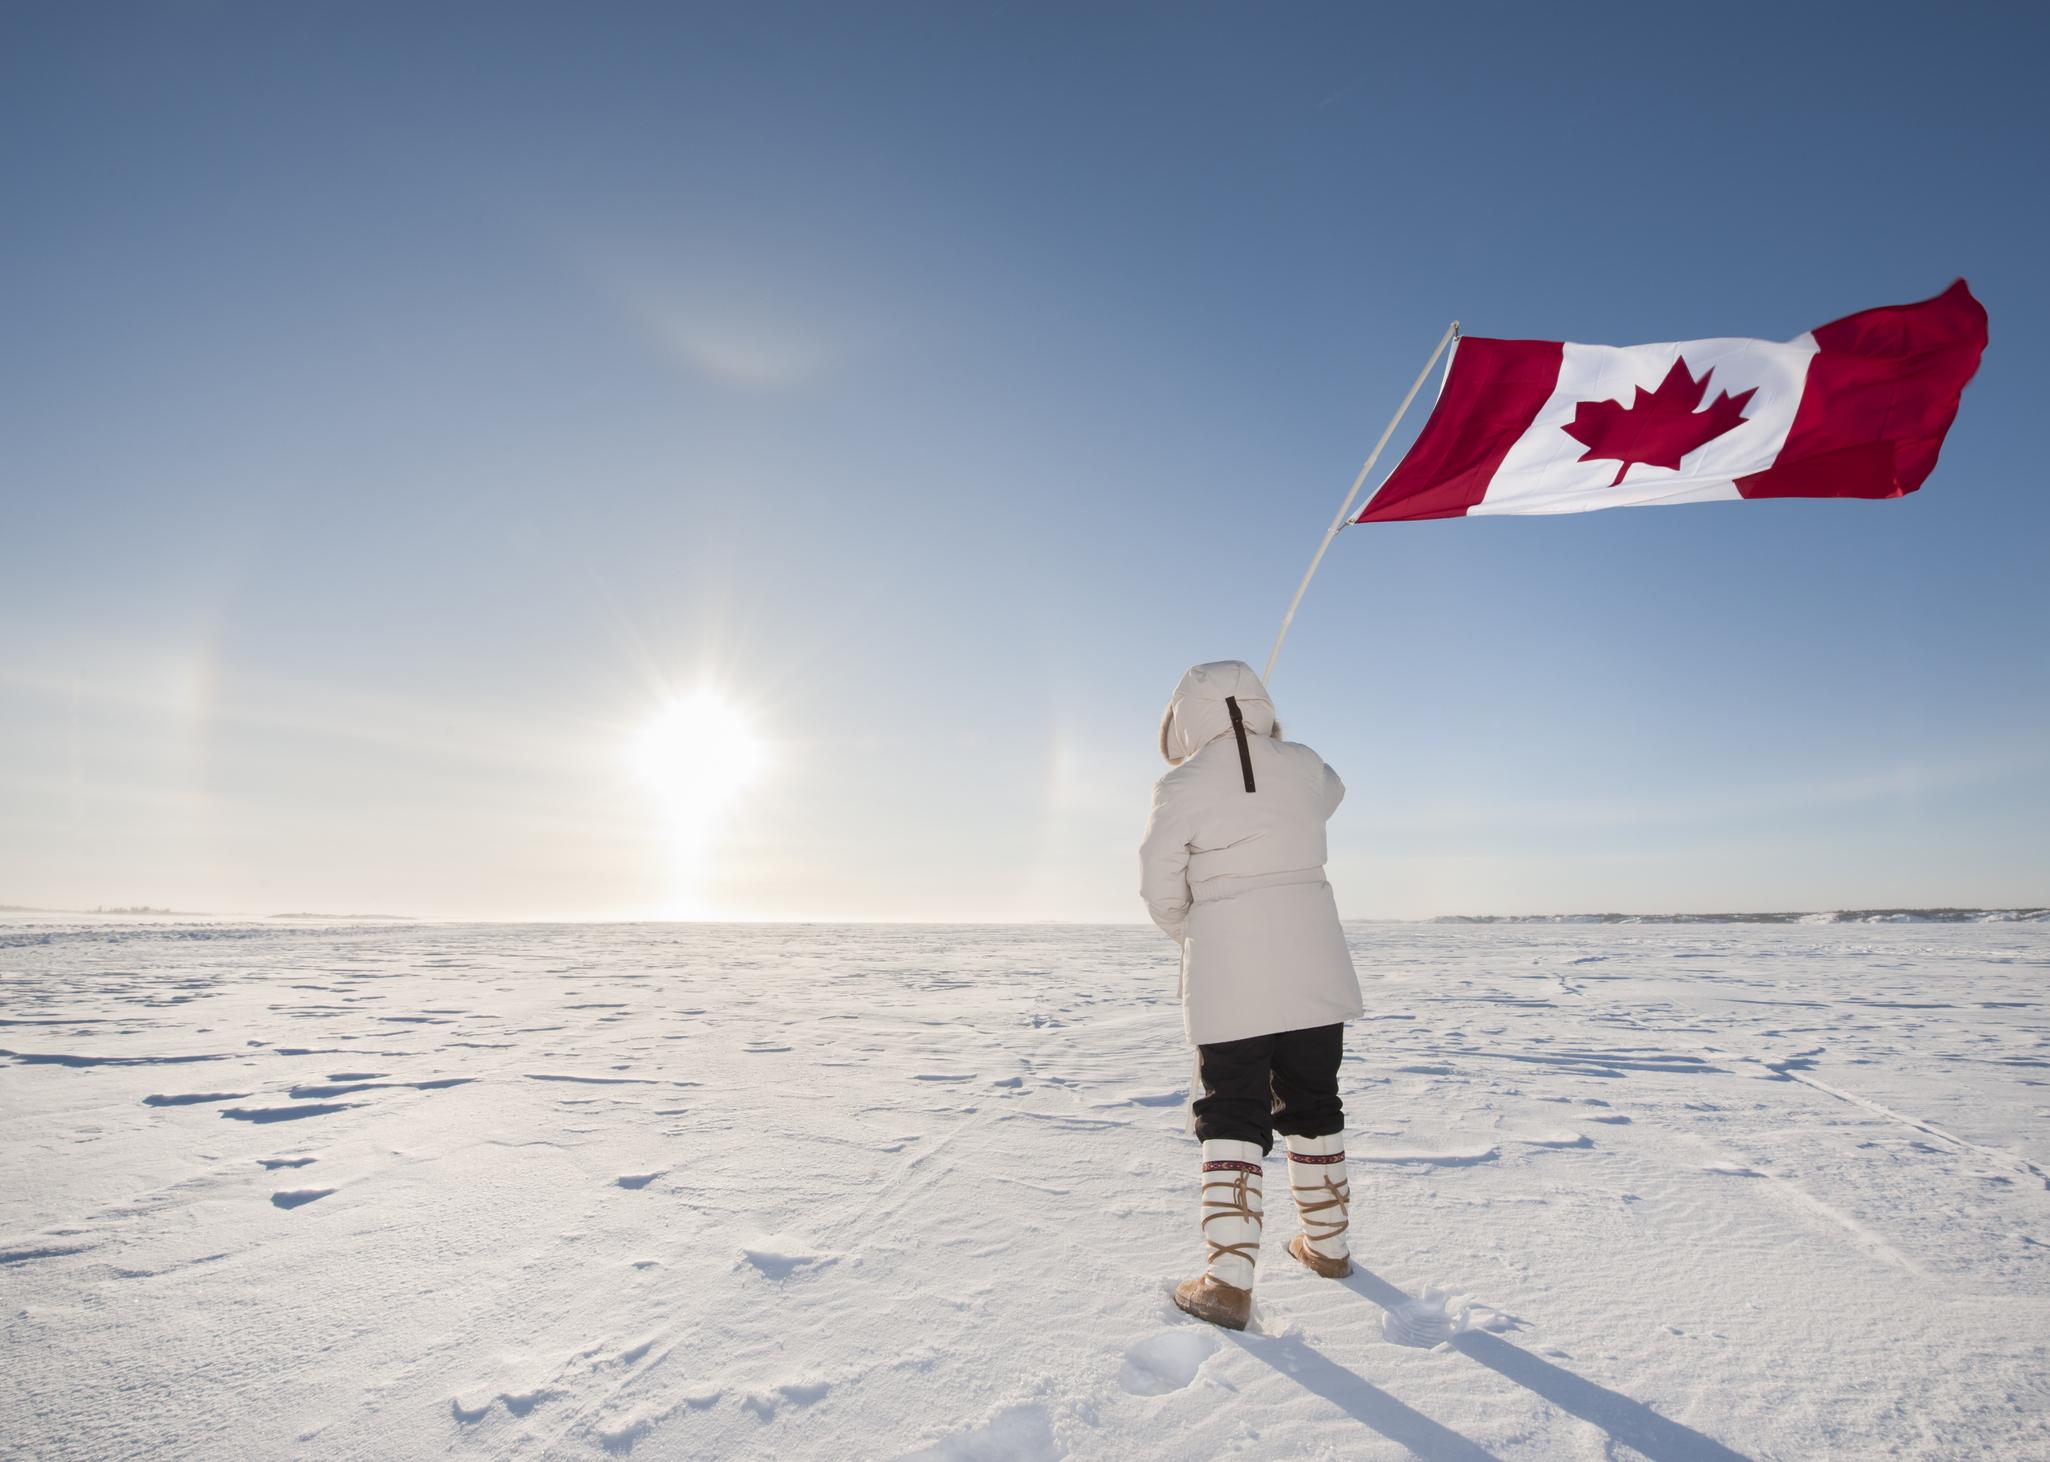 Arctic Sundog or Parhelion, Woman and Canadian Flag.